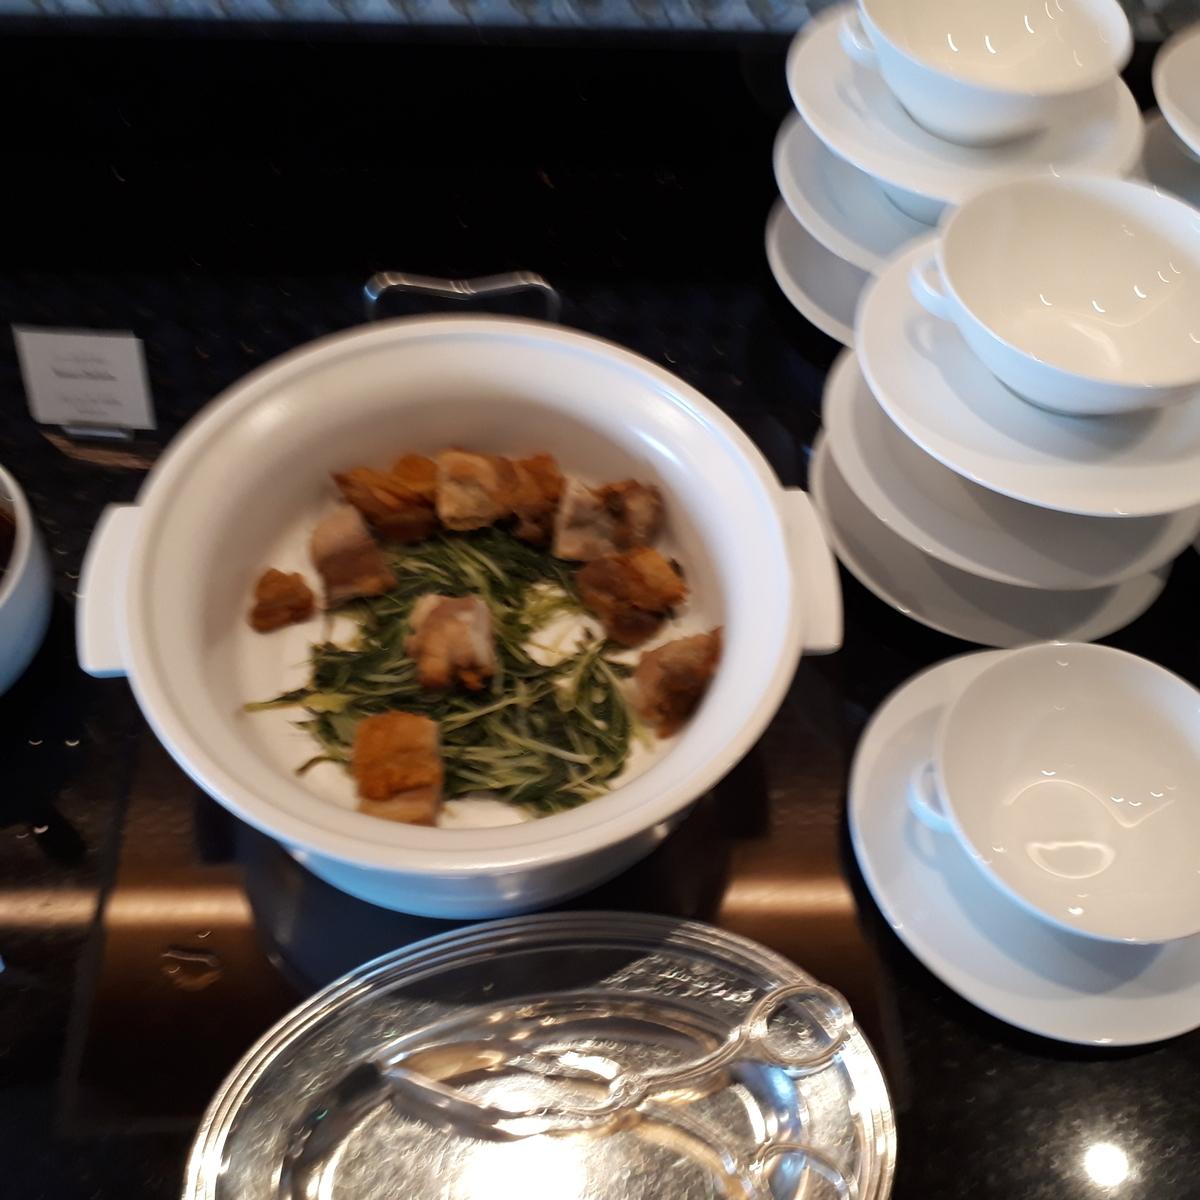 リッツカールトン大阪 クラブラウンジ 軽食 ローストチキン